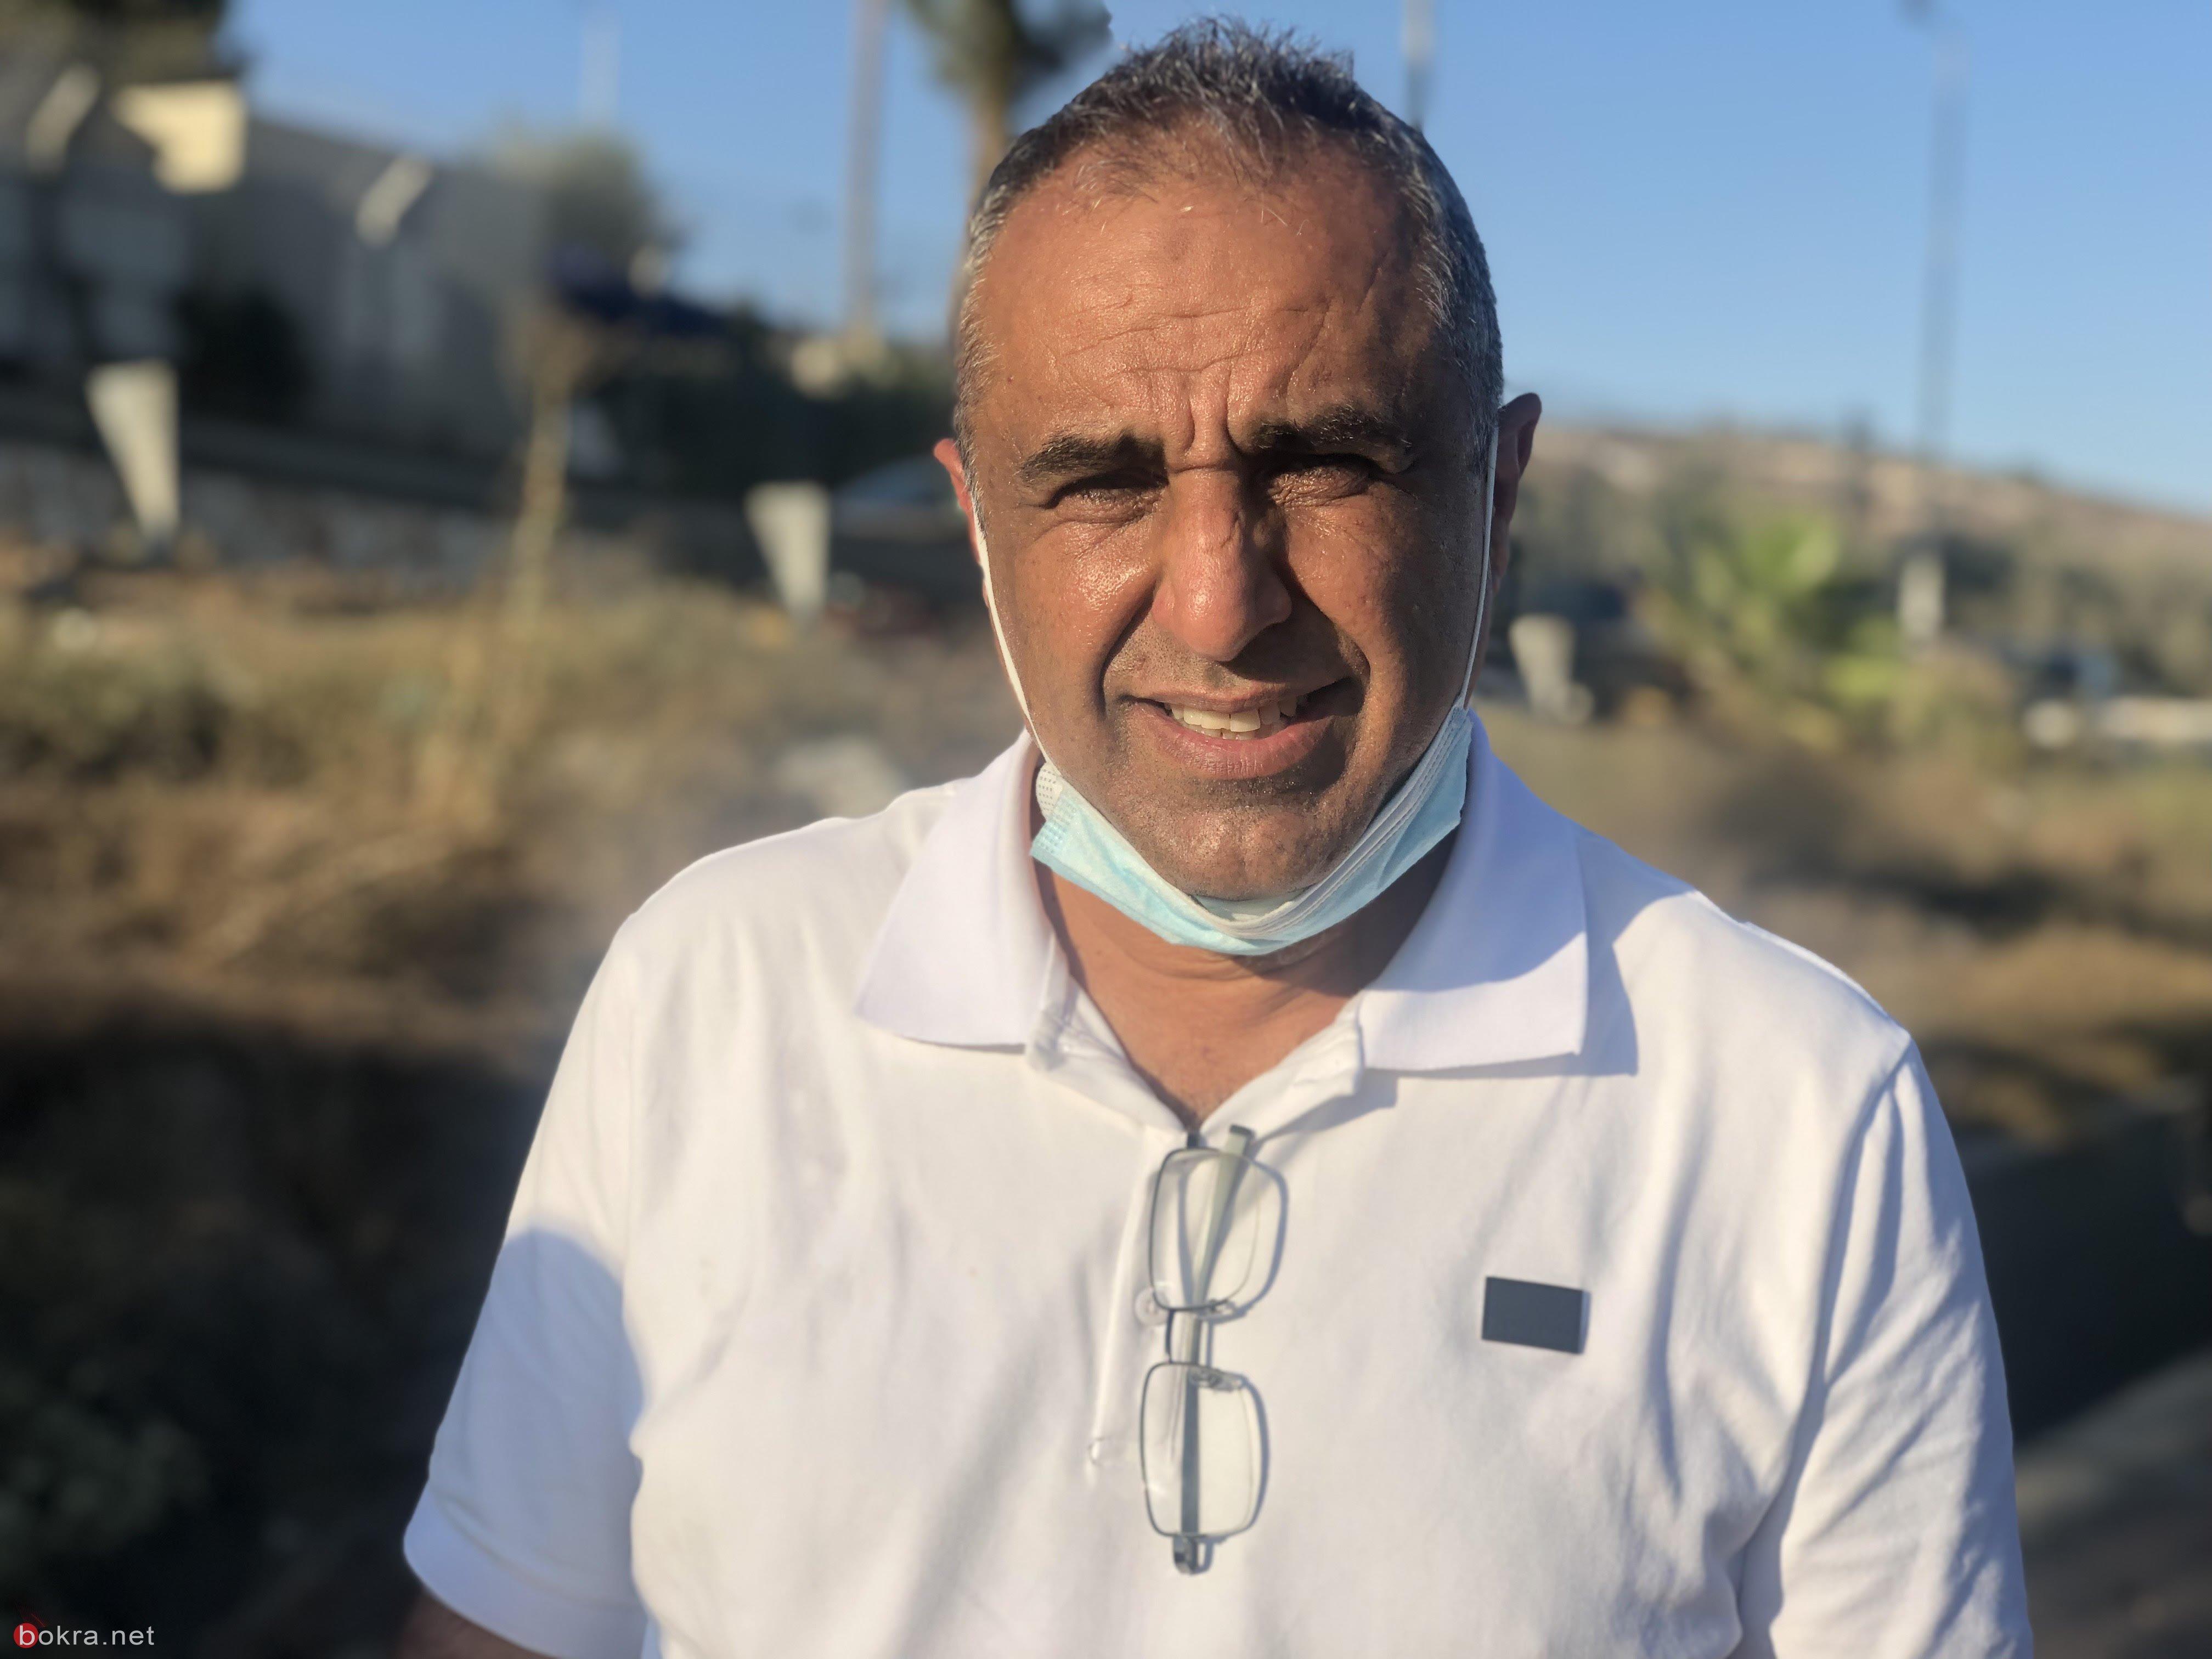 """قياديون """"لبكرا"""" قضايا الجريمة والعنف بالمجتمع العربي تقع على الحكومة والشرطة-0"""